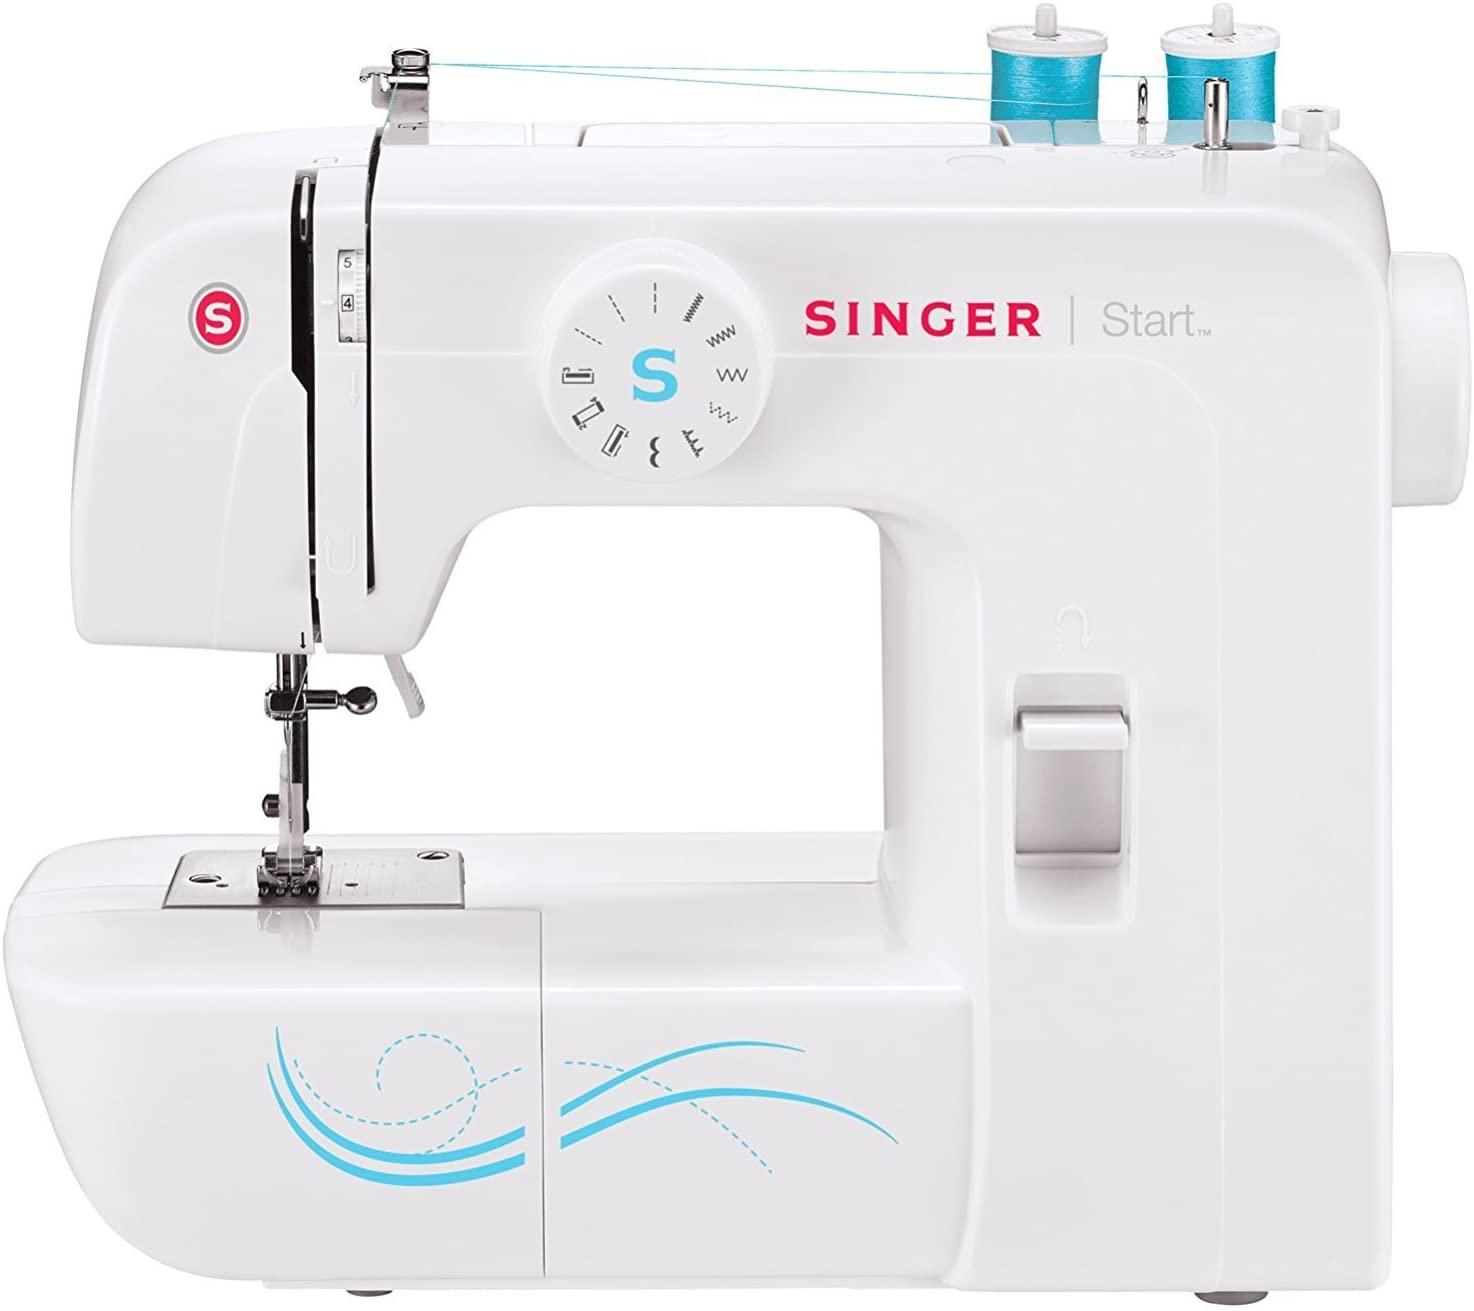 Singer Start 1304 review